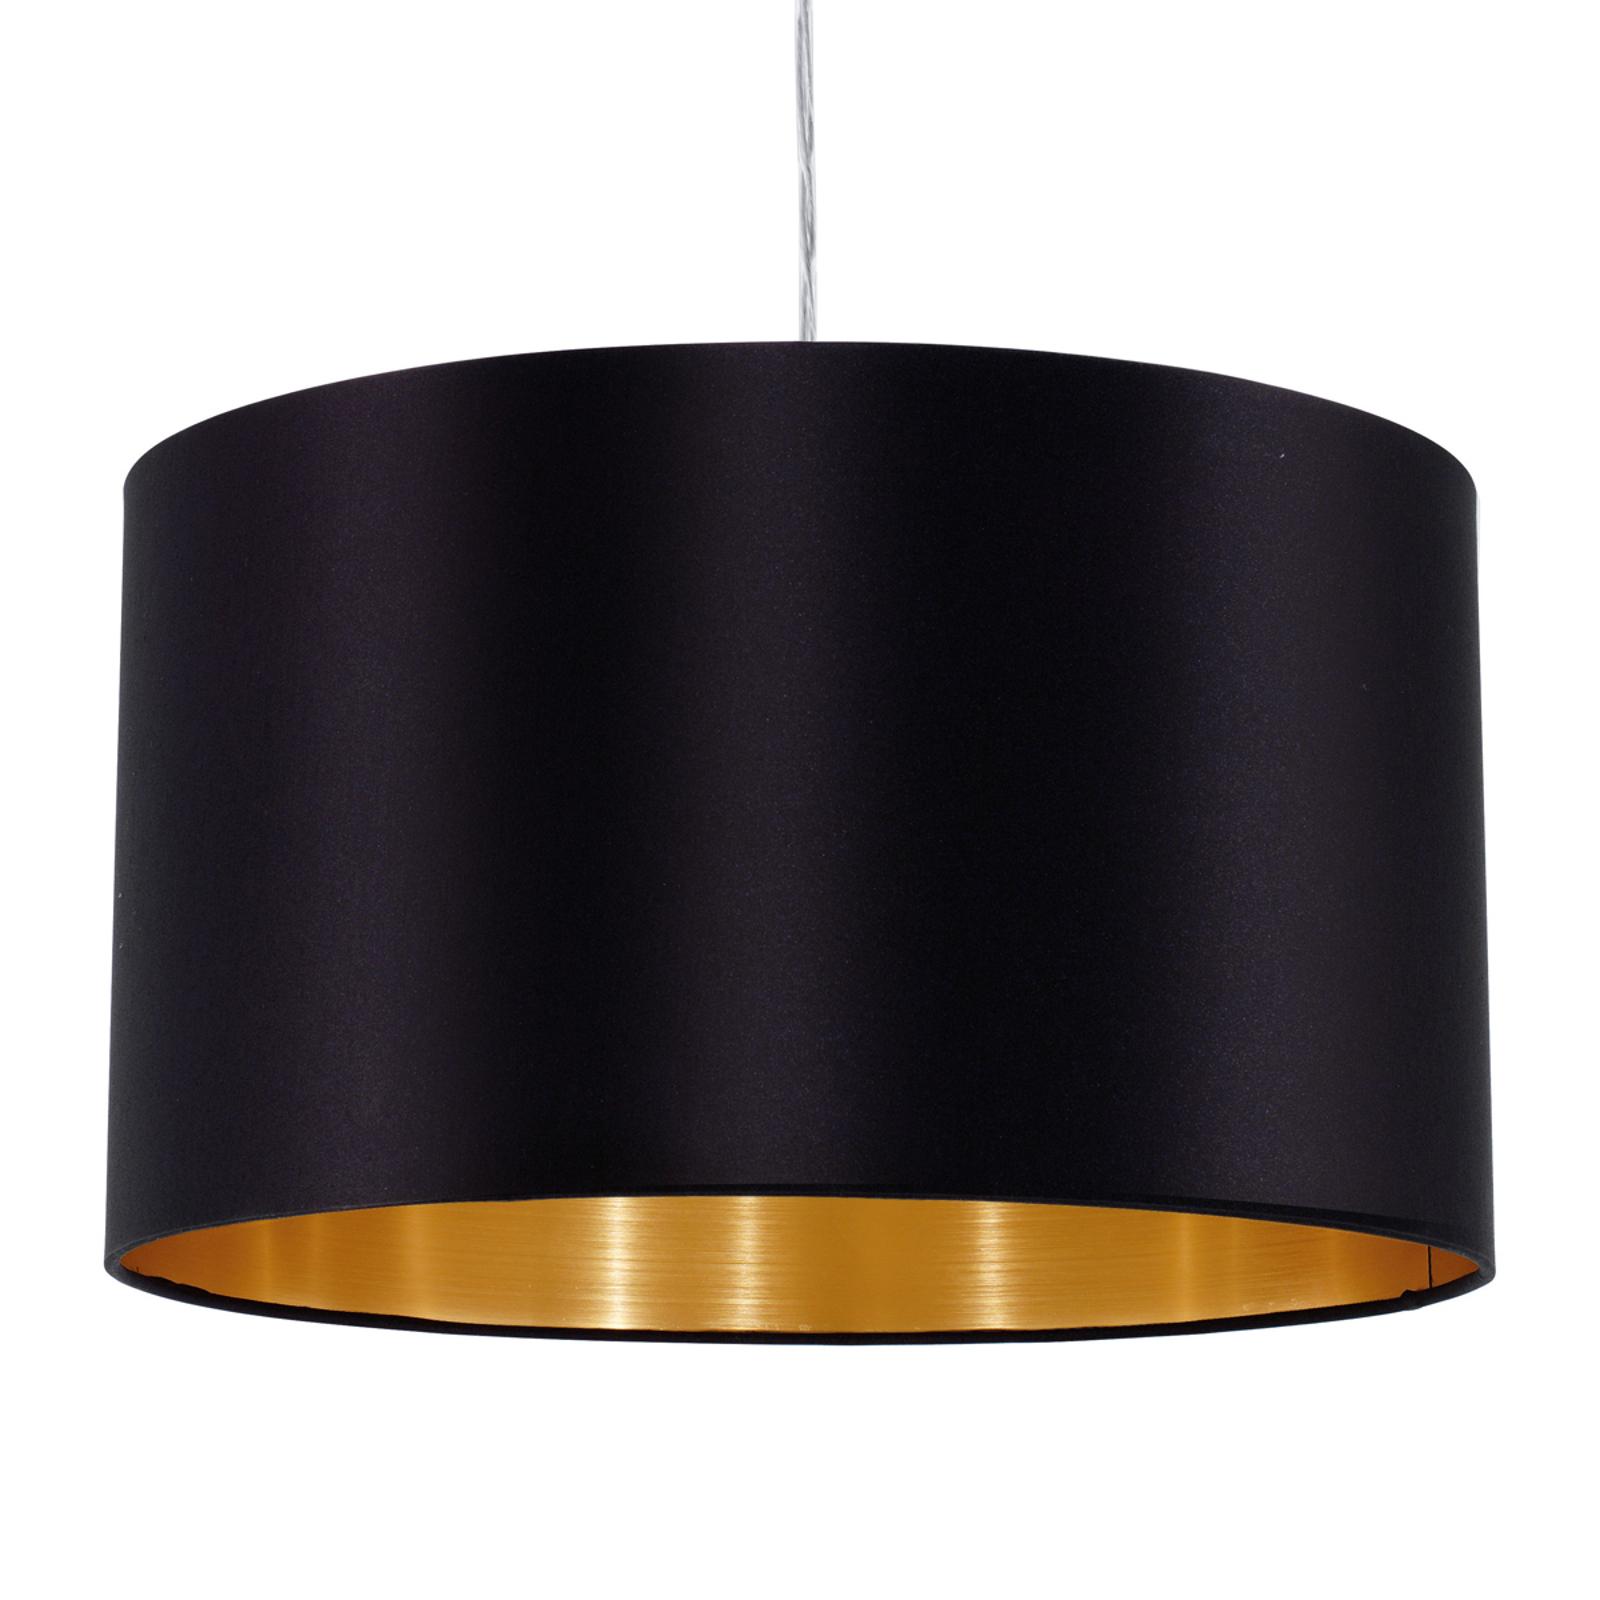 Textil Hängeleuchte Lecio, 38 cm, schwarz